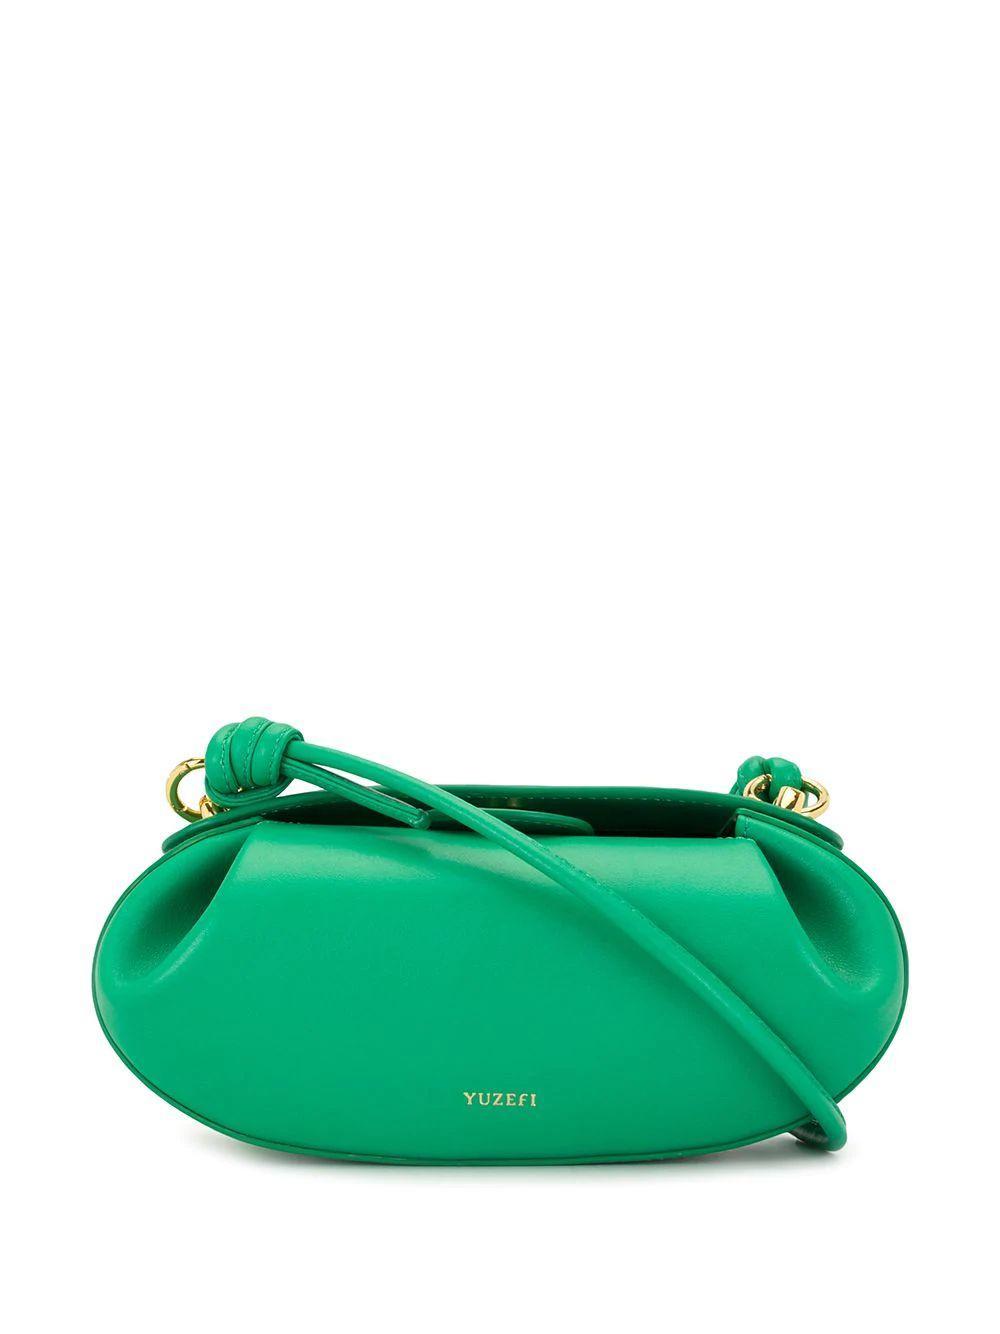 Dinner Roll Shoulder Bag Item # YUZPF20-ML-04